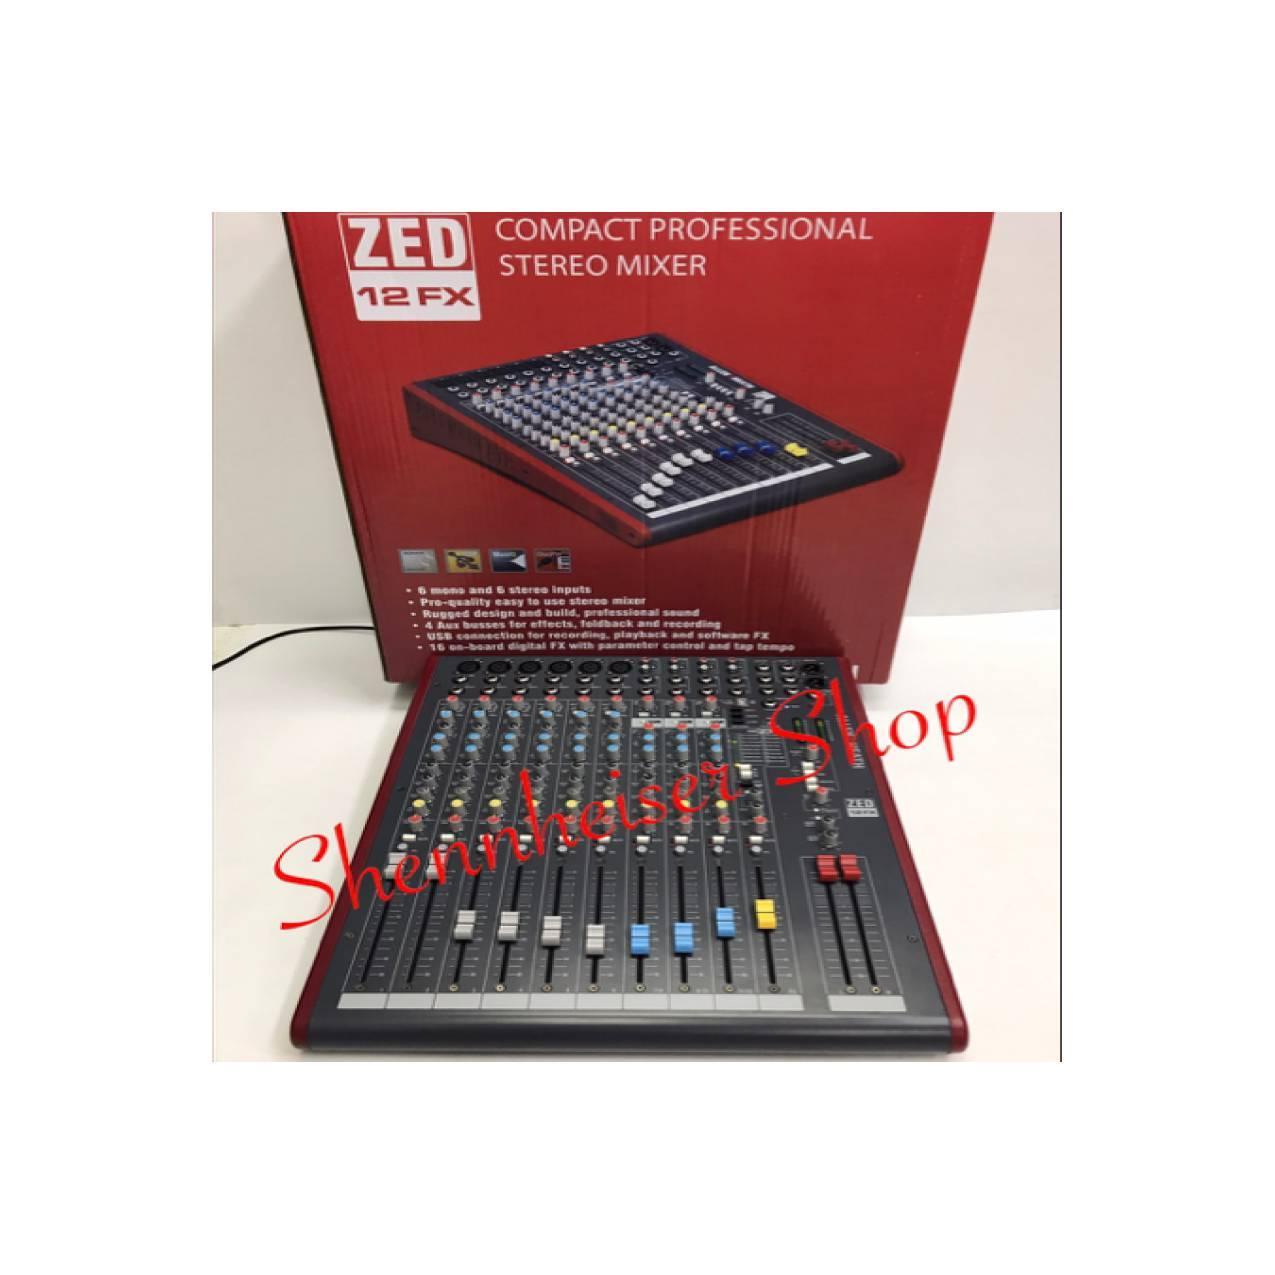 Mixer Allen&Heath Zed 12 Fx